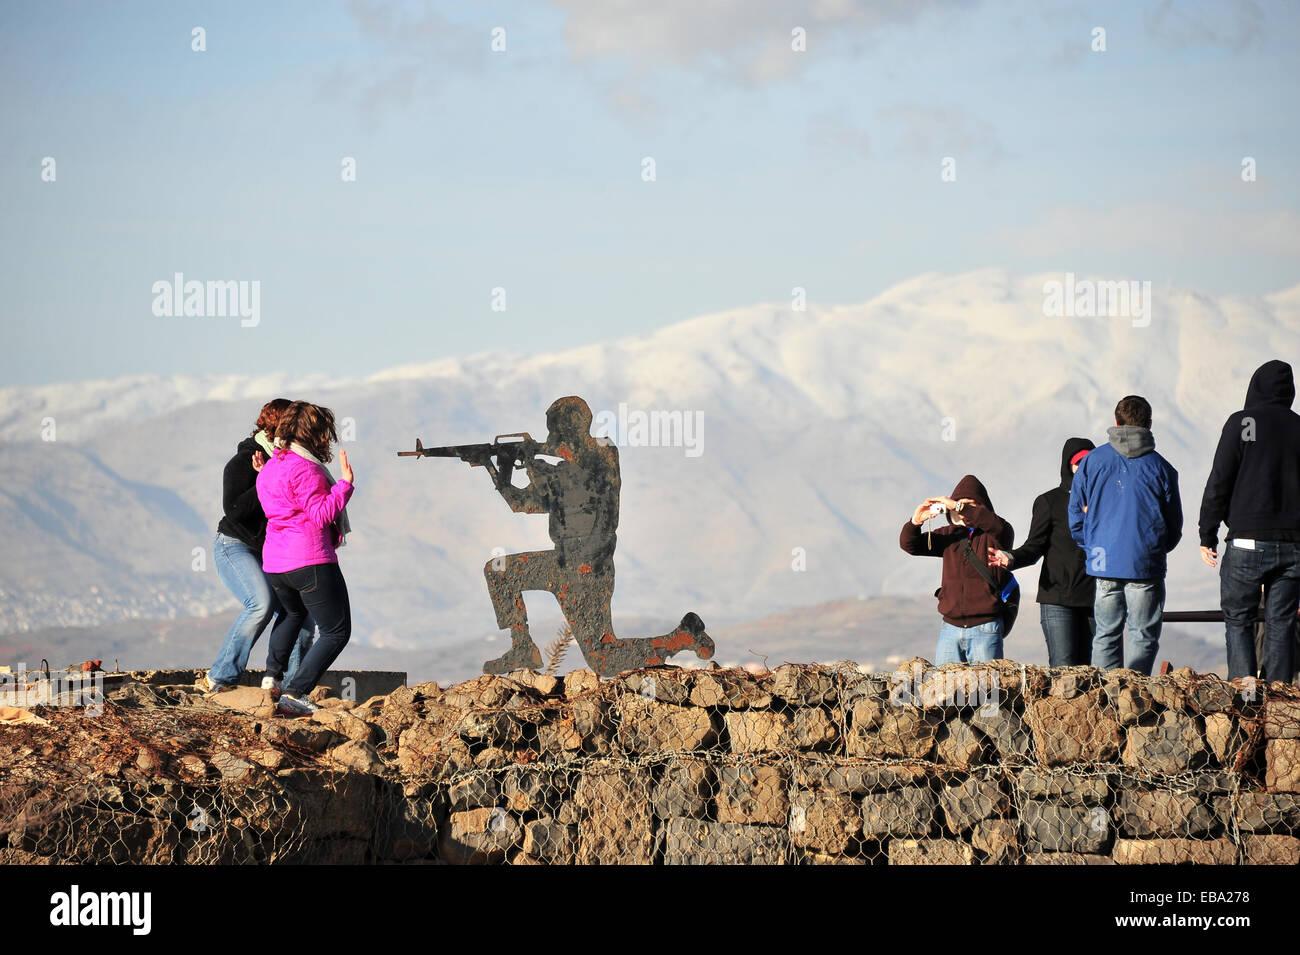 La figura di un soldato e persone sulle alture del Golan con vista del monte Bental, Golan, Israele Immagini Stock